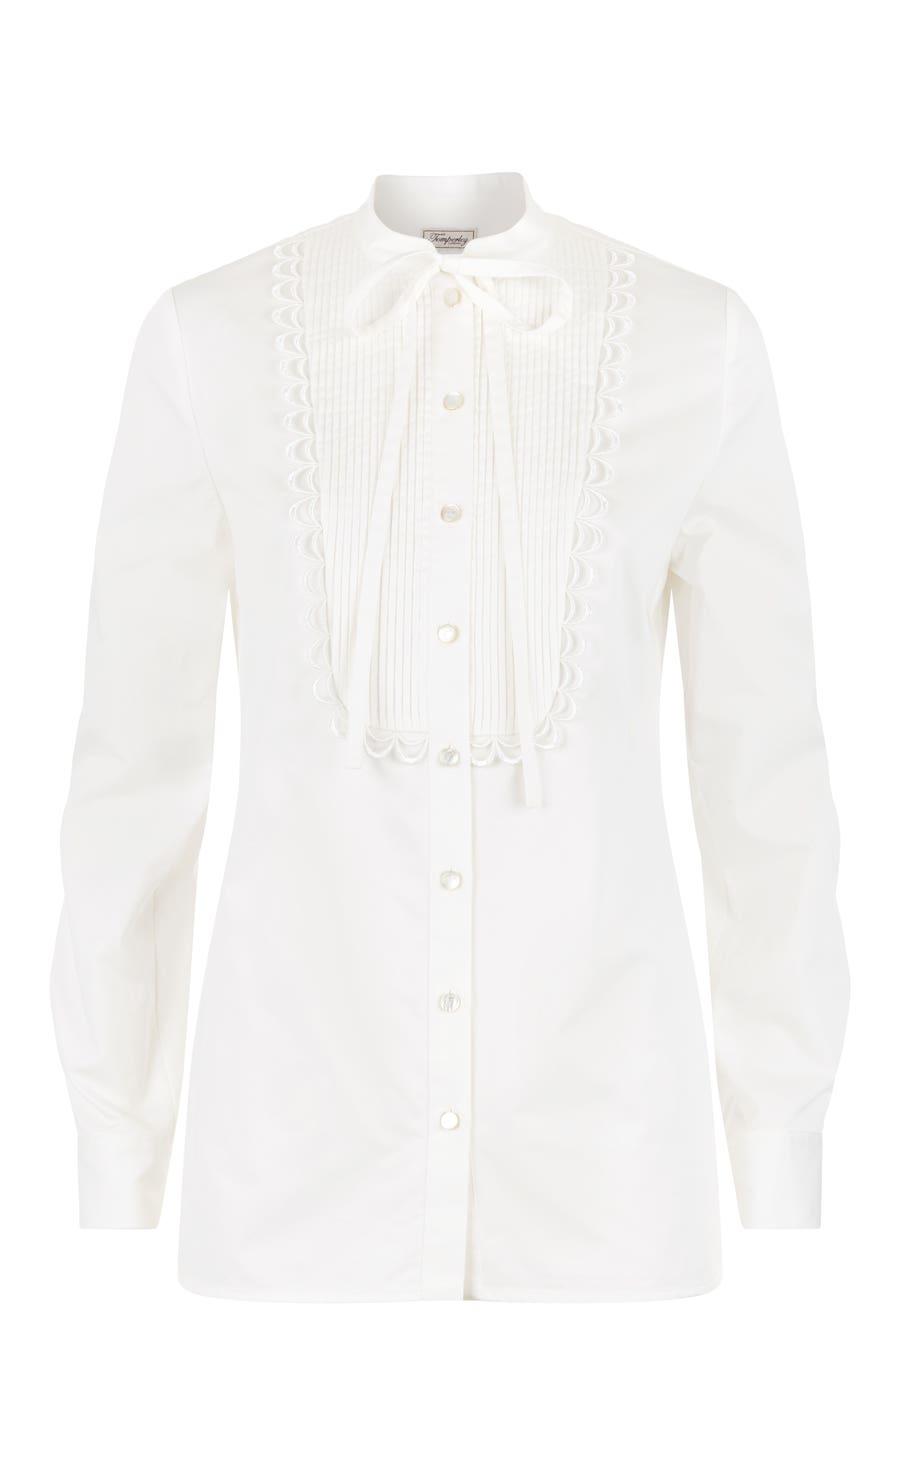 Fountain Shirt, White